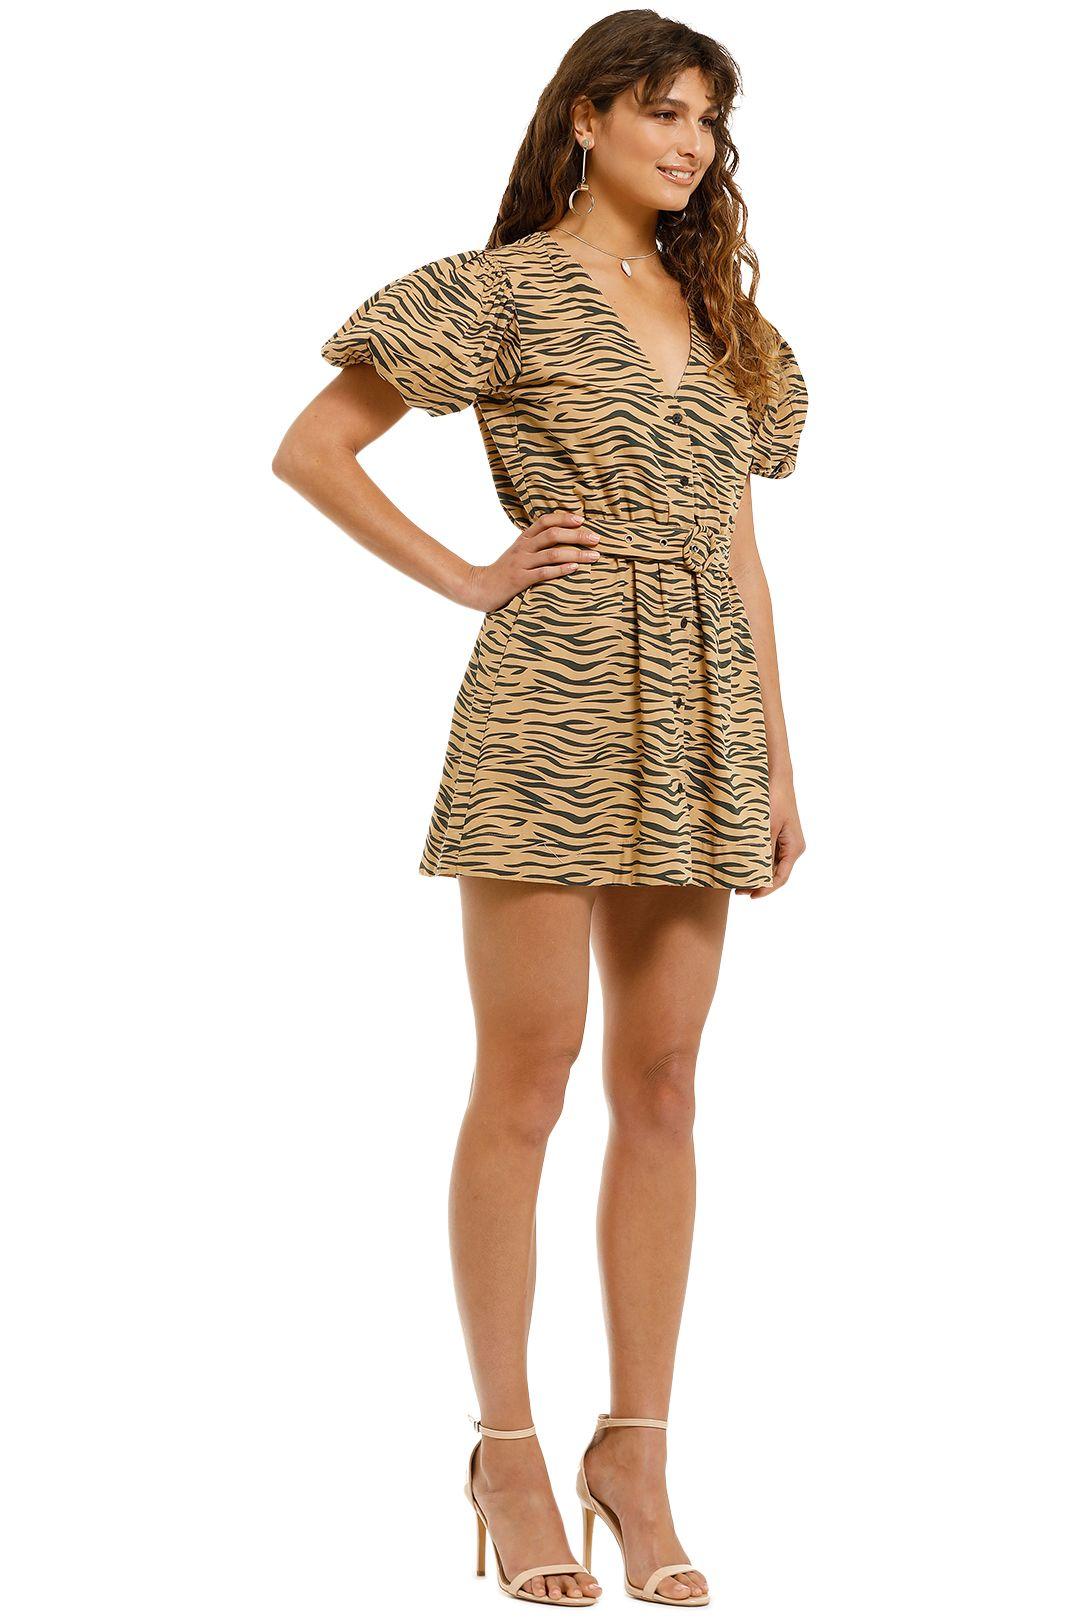 SWF-Tiger-Mini-Dress-Tiger-Print-Side